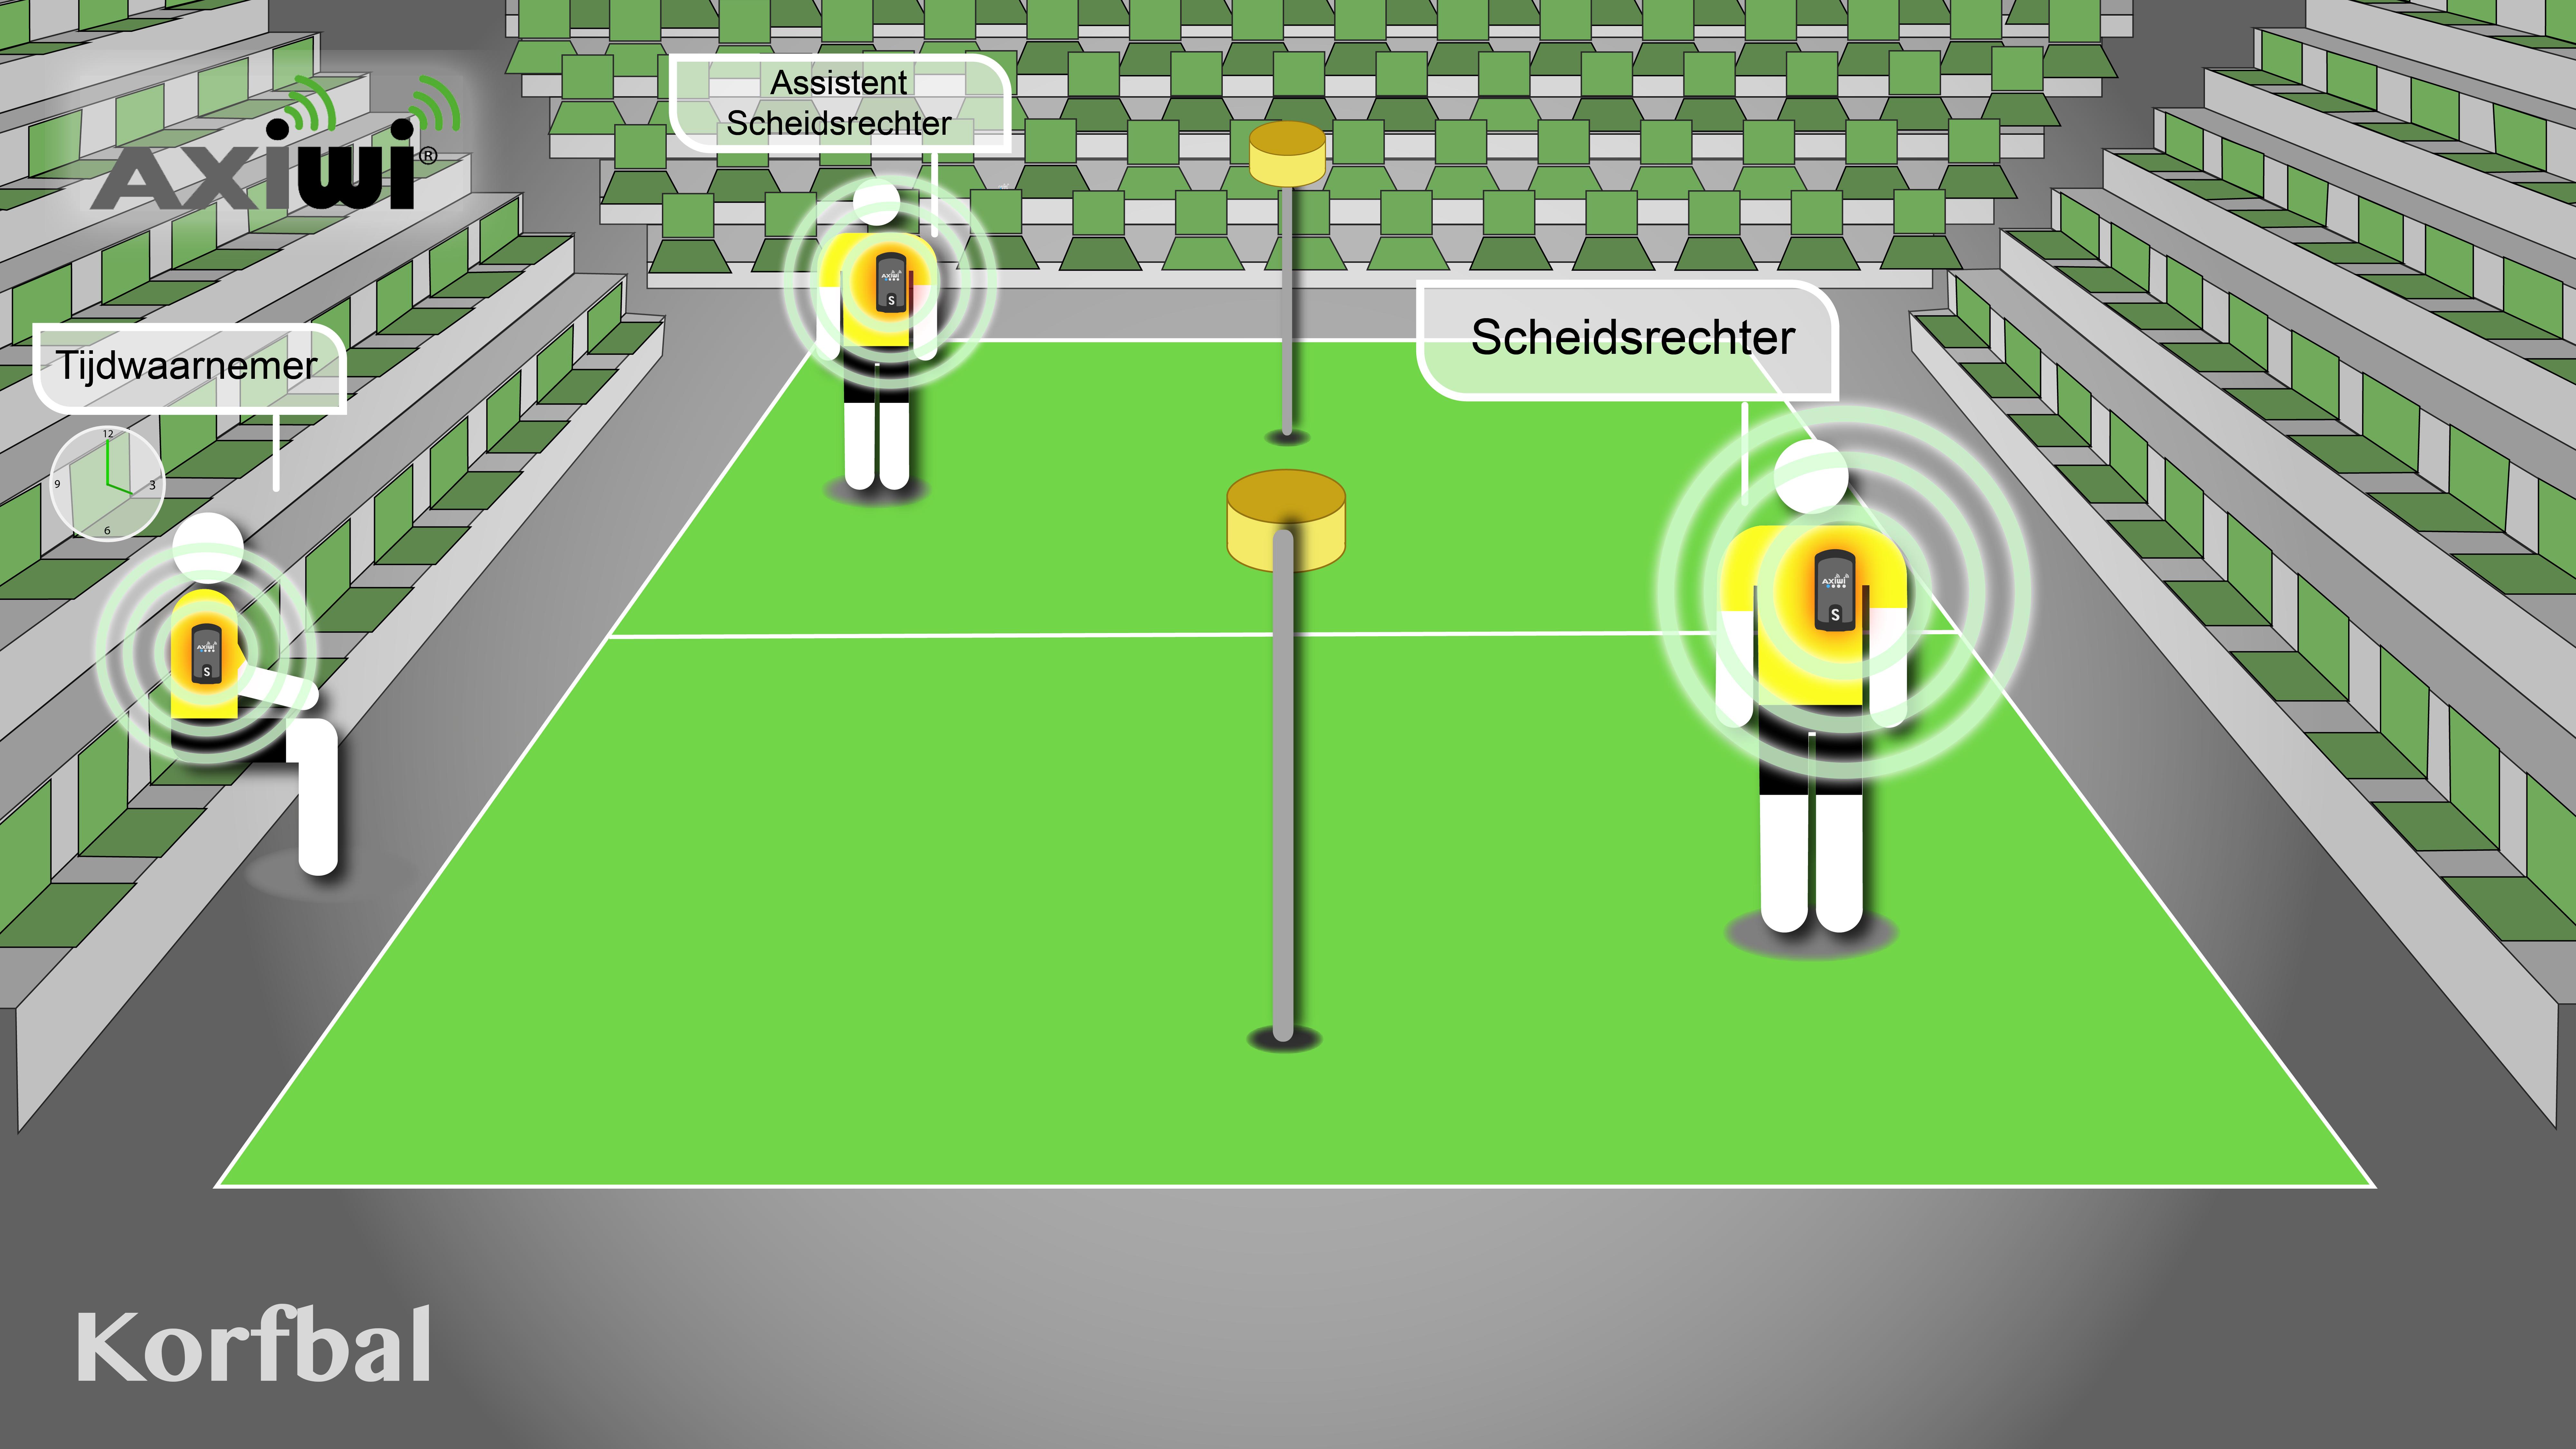 axiwi-communicatie-systeem-scheidsrechter-korfbal